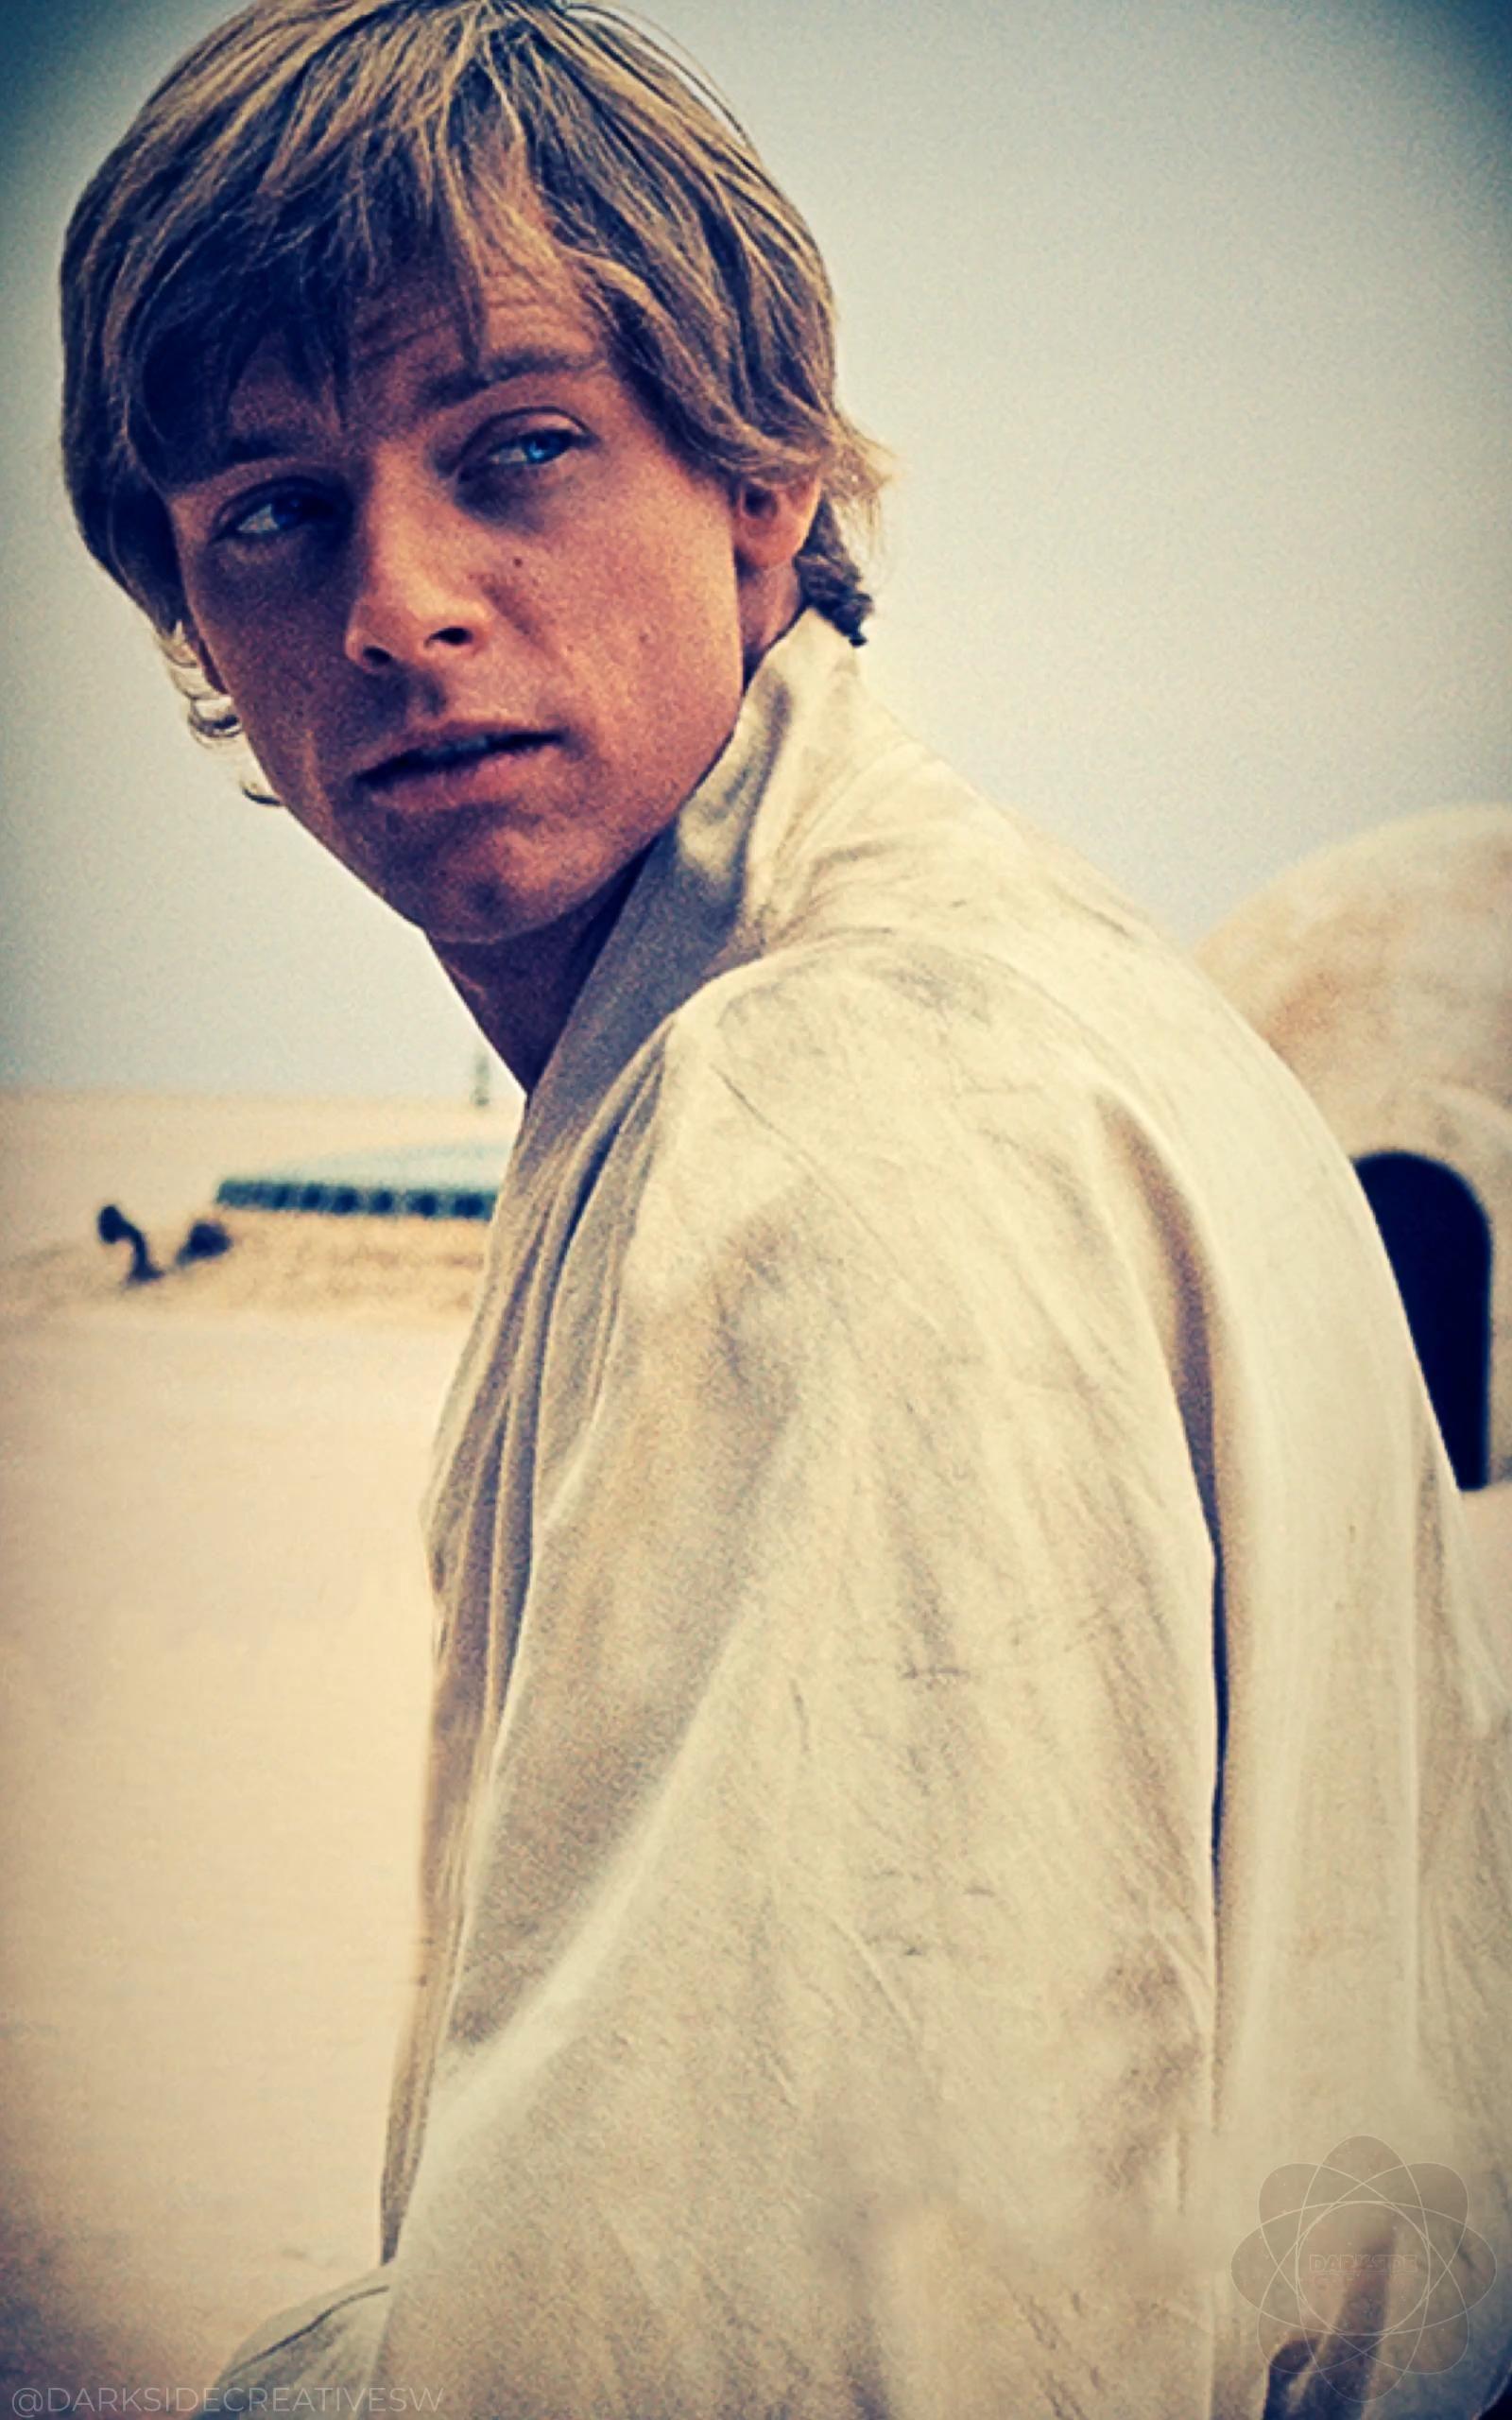 I'm Luke Skywalker...